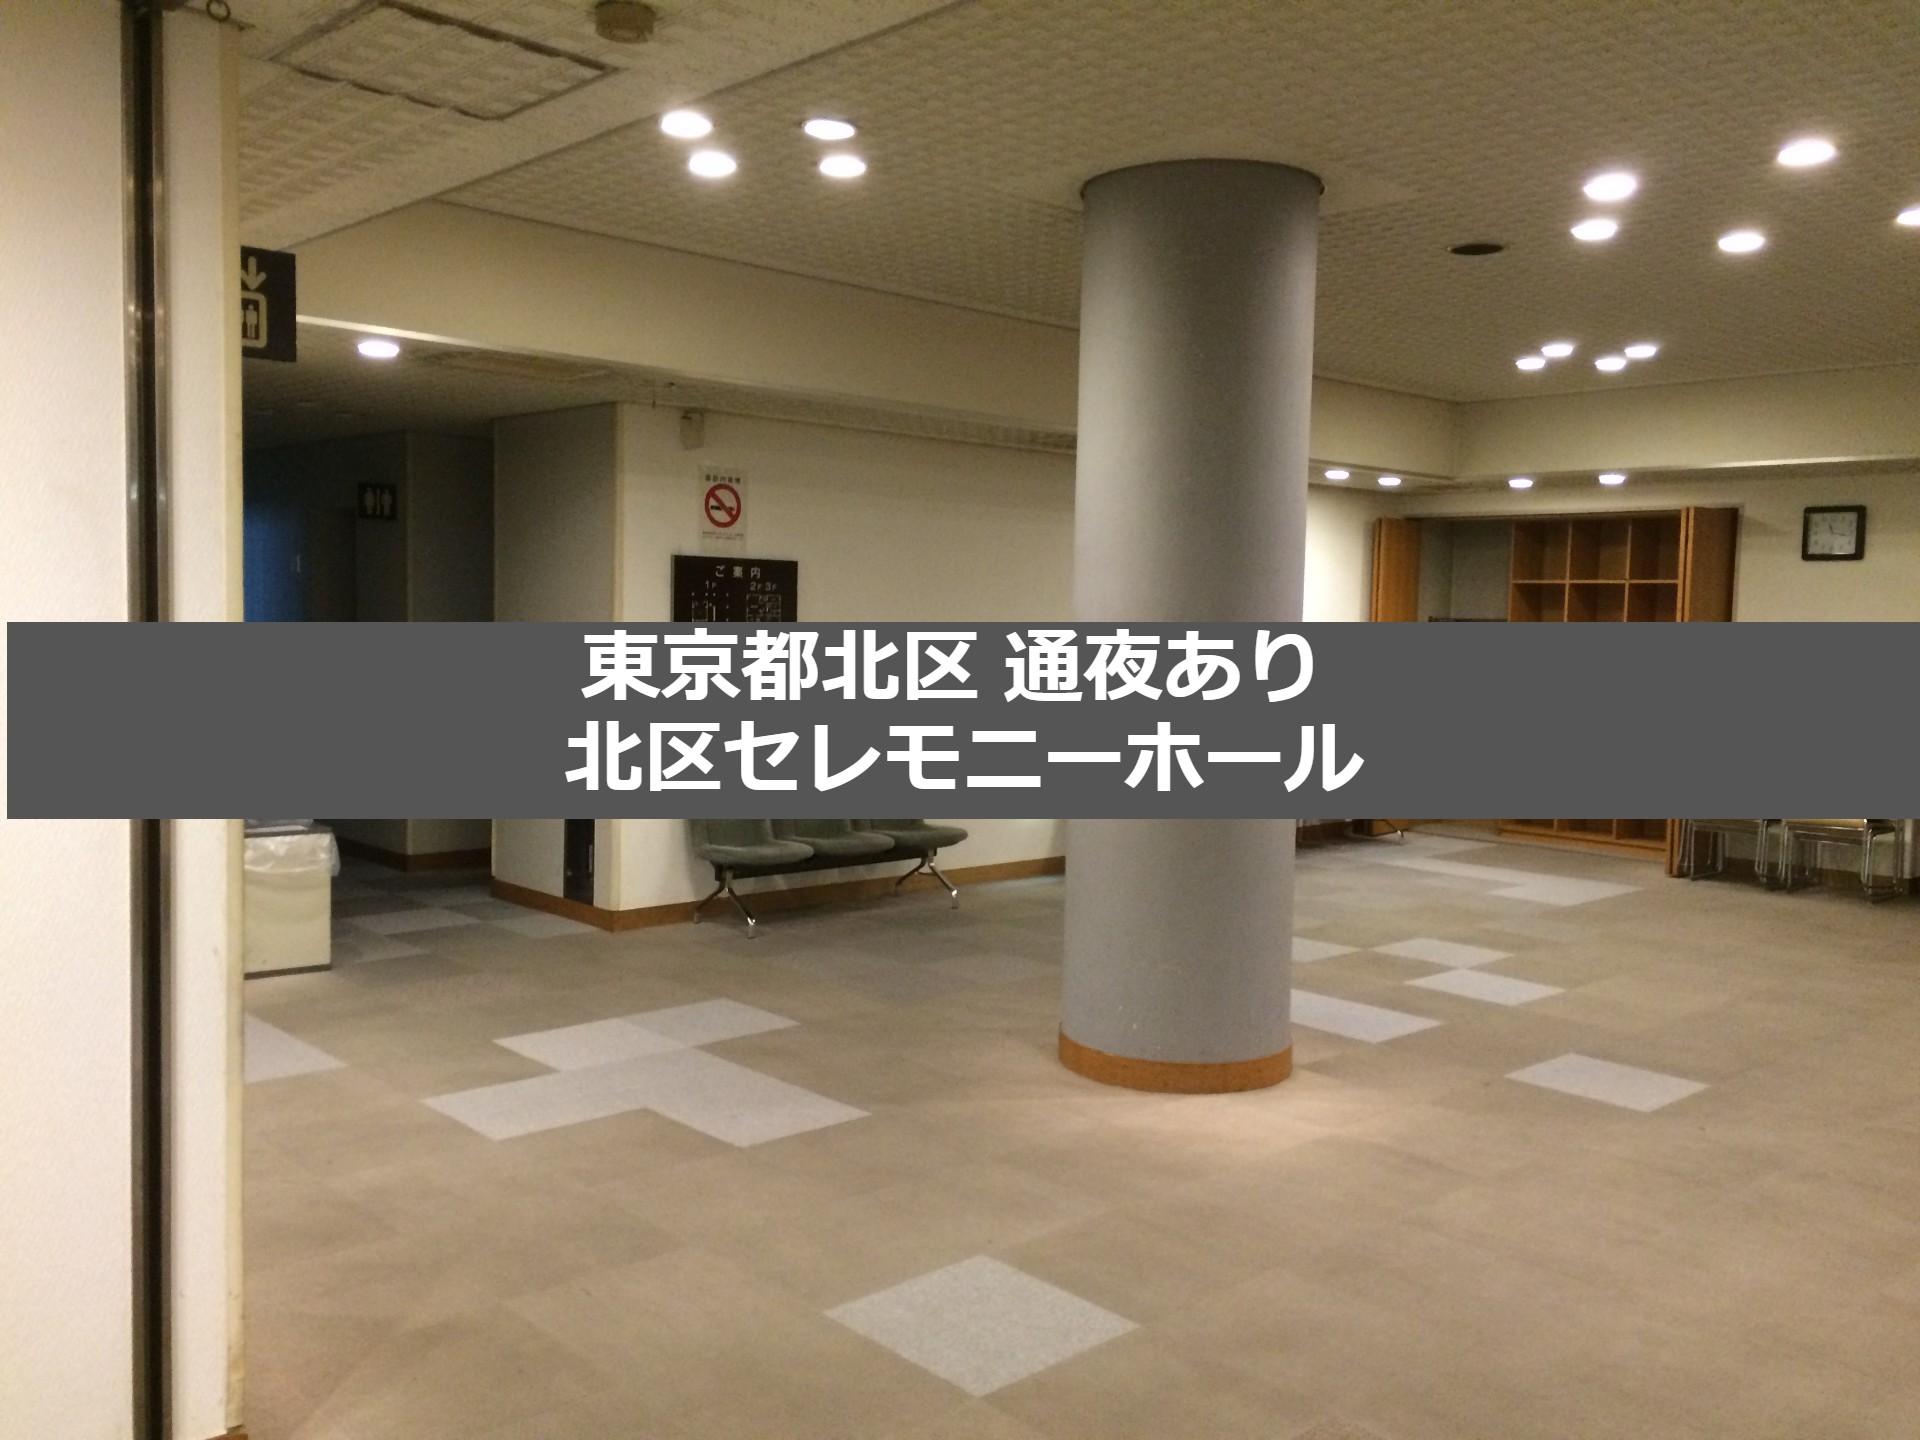 東京都北区 通夜あり